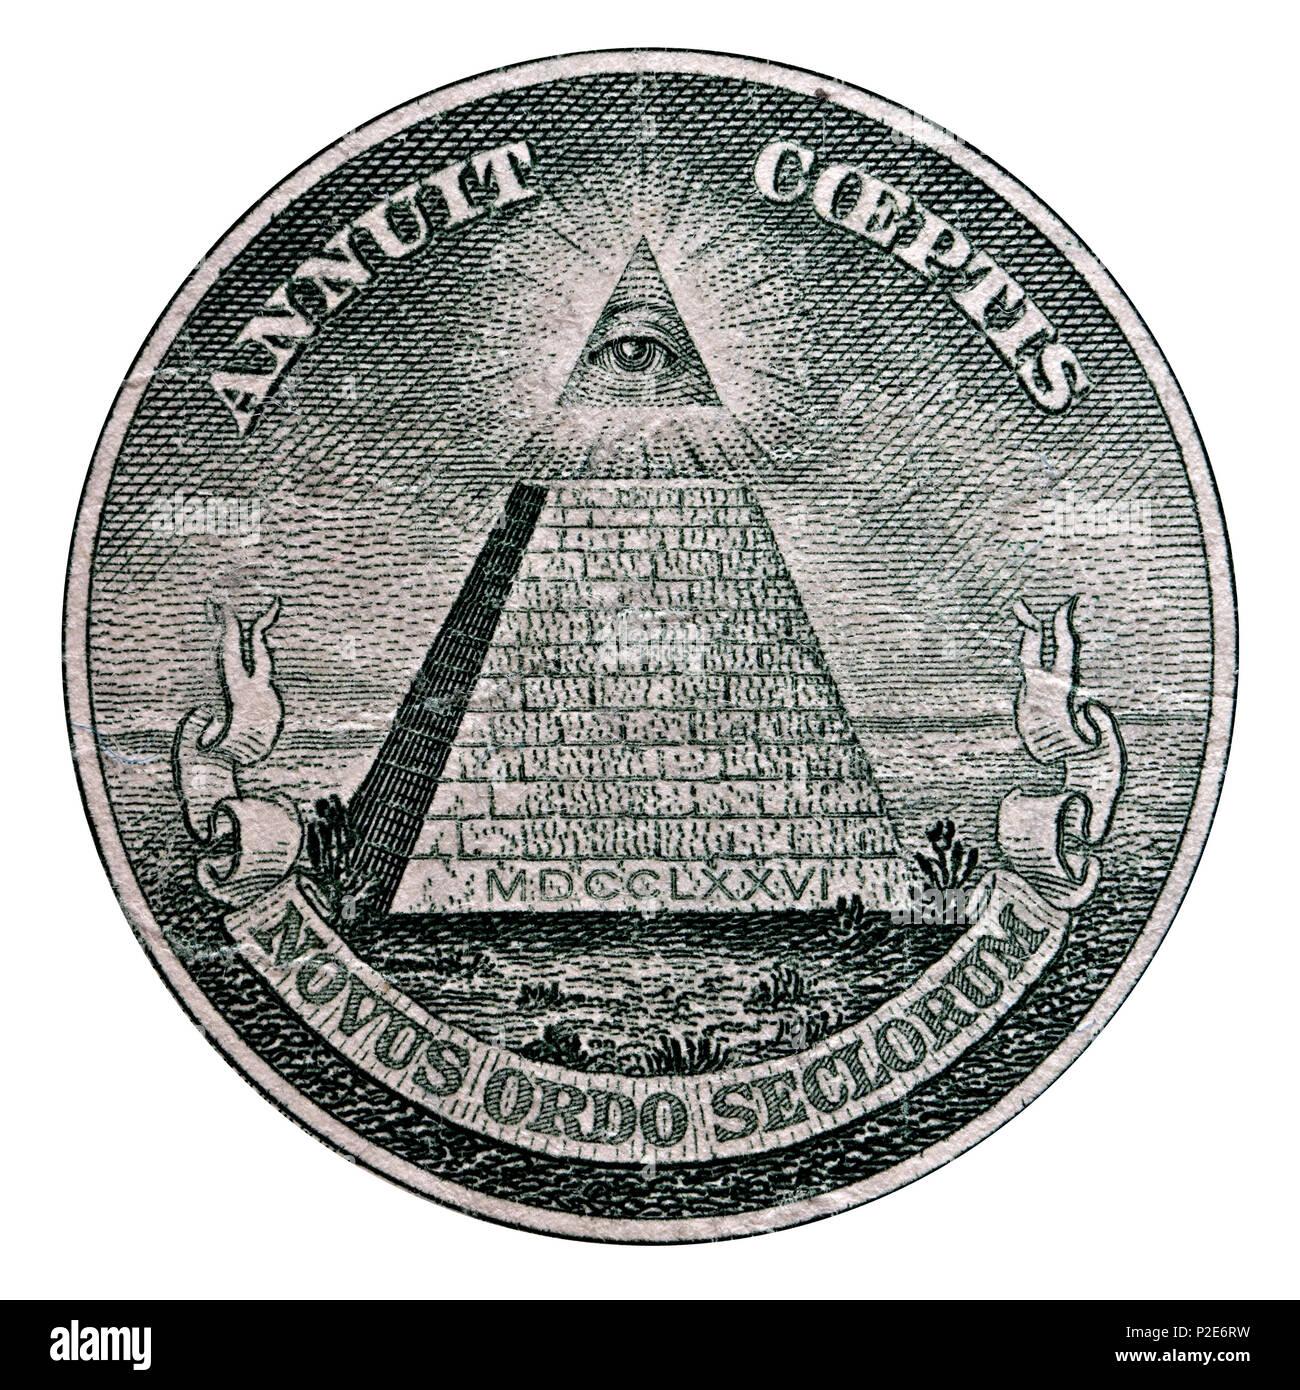 Dettaglio Di Noi Un Dollaro Banconota Con La Frase Latina Novus